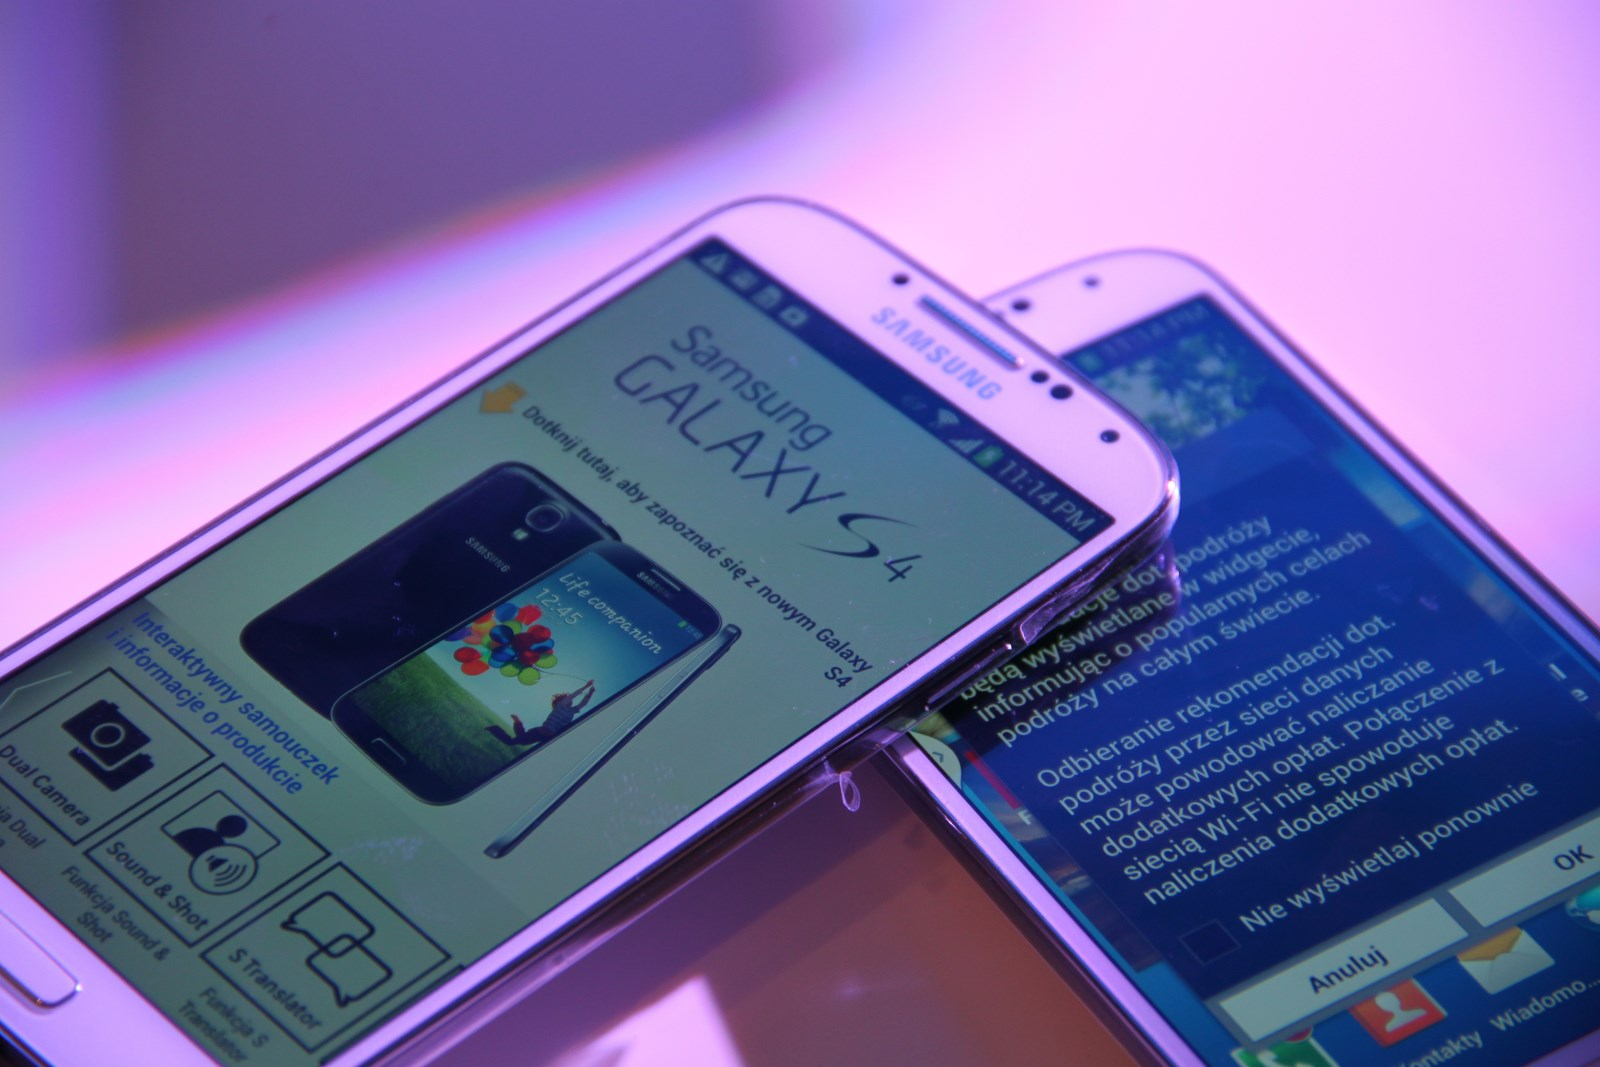 Jeszcze w tym miesiącu zadebiutuje Samsung Galaxy S5. Czy nowy model sprosta legendzie?